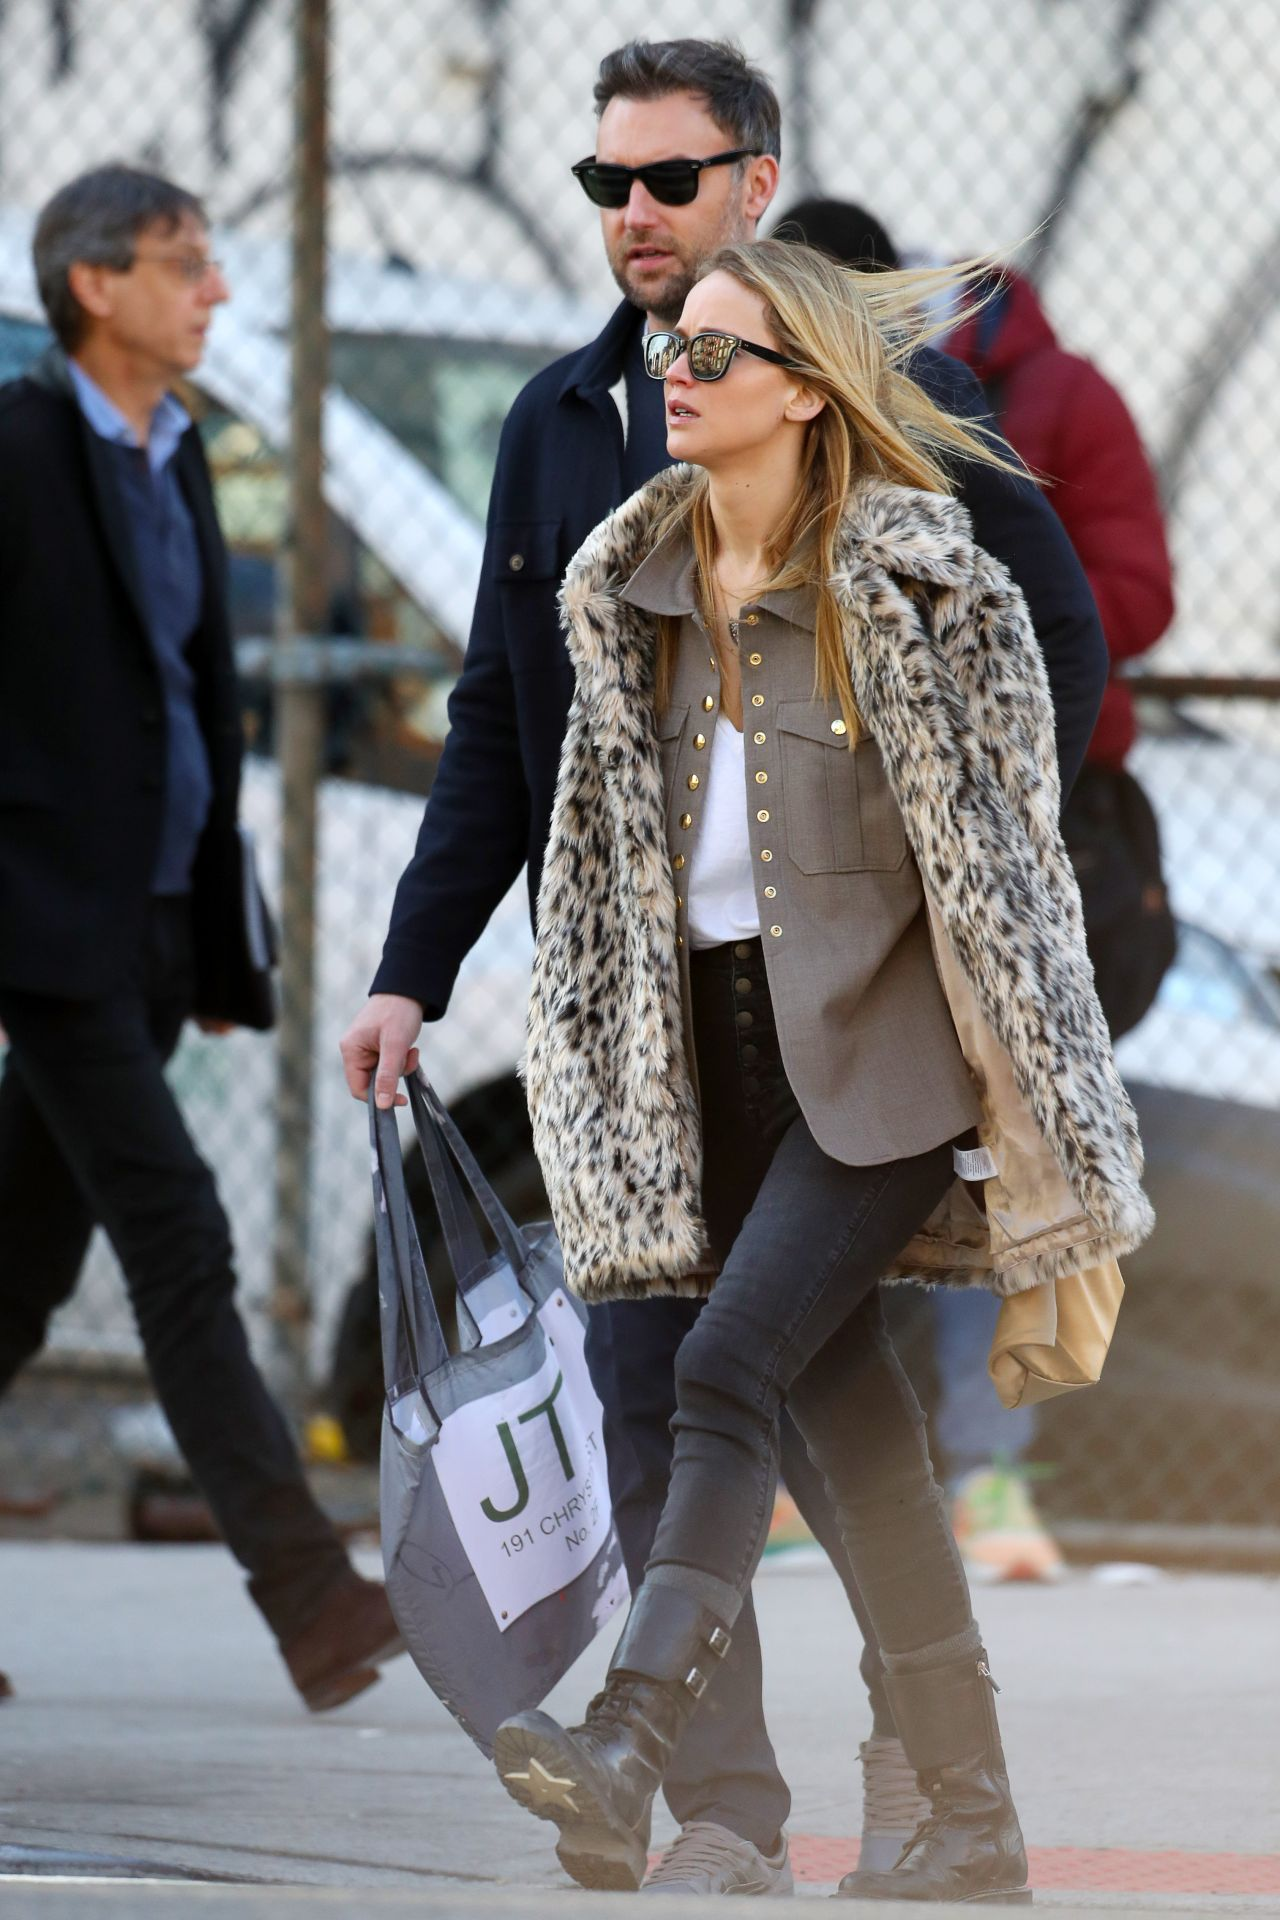 Jennifer Lawrence Latest Photos - CelebMafia